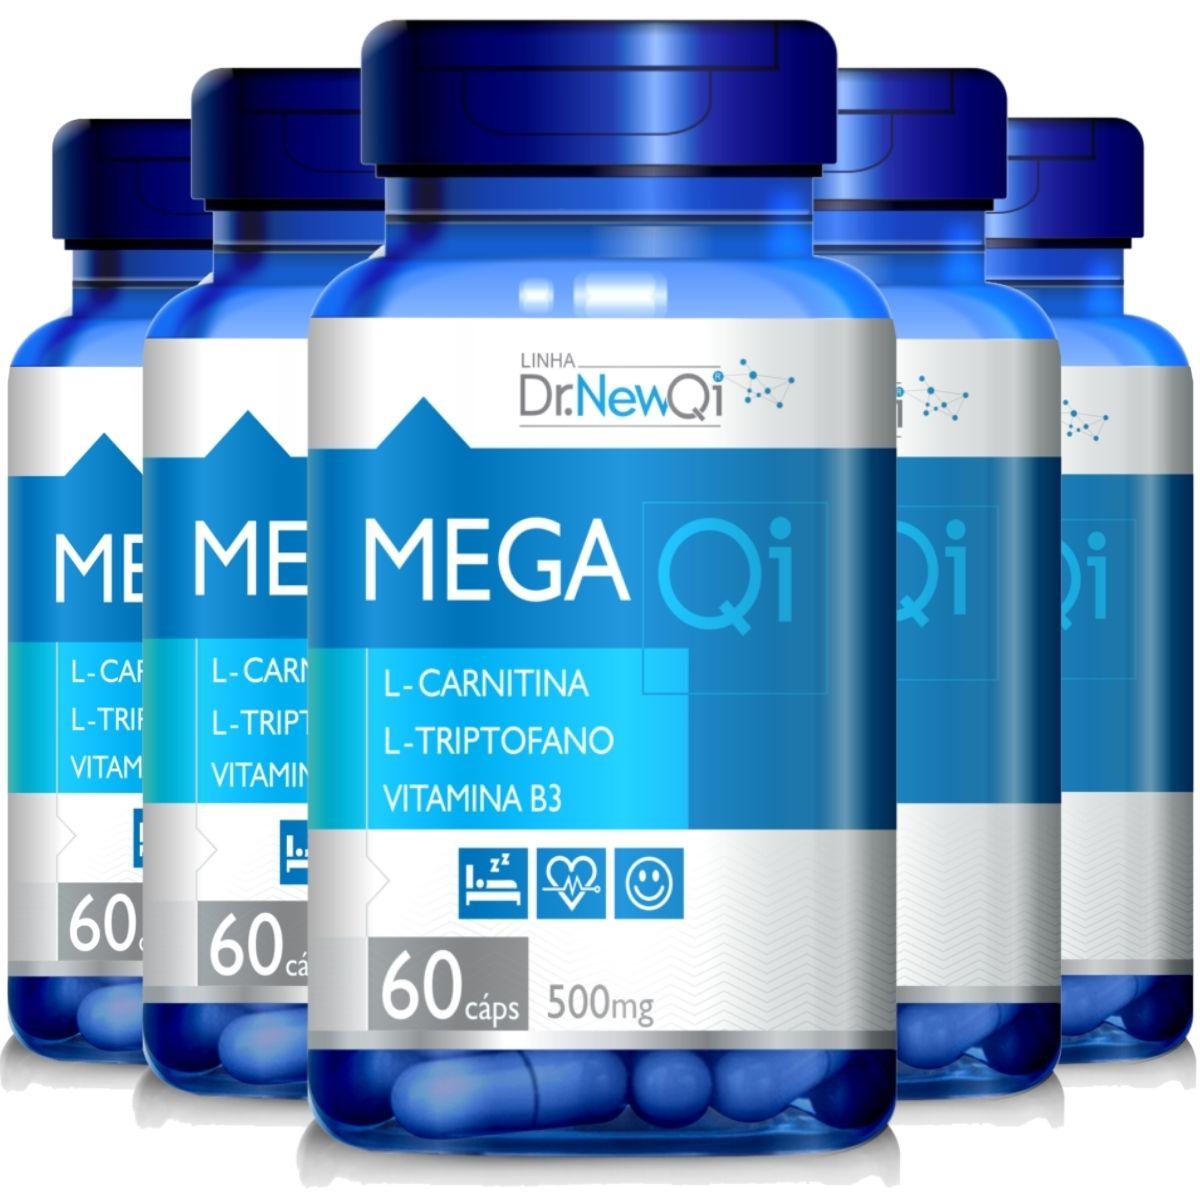 Kit 5 Mega QI L-Triptofano + L-Carnitina + Vit. B3 500mg 60 Cápsulas - Upnutri